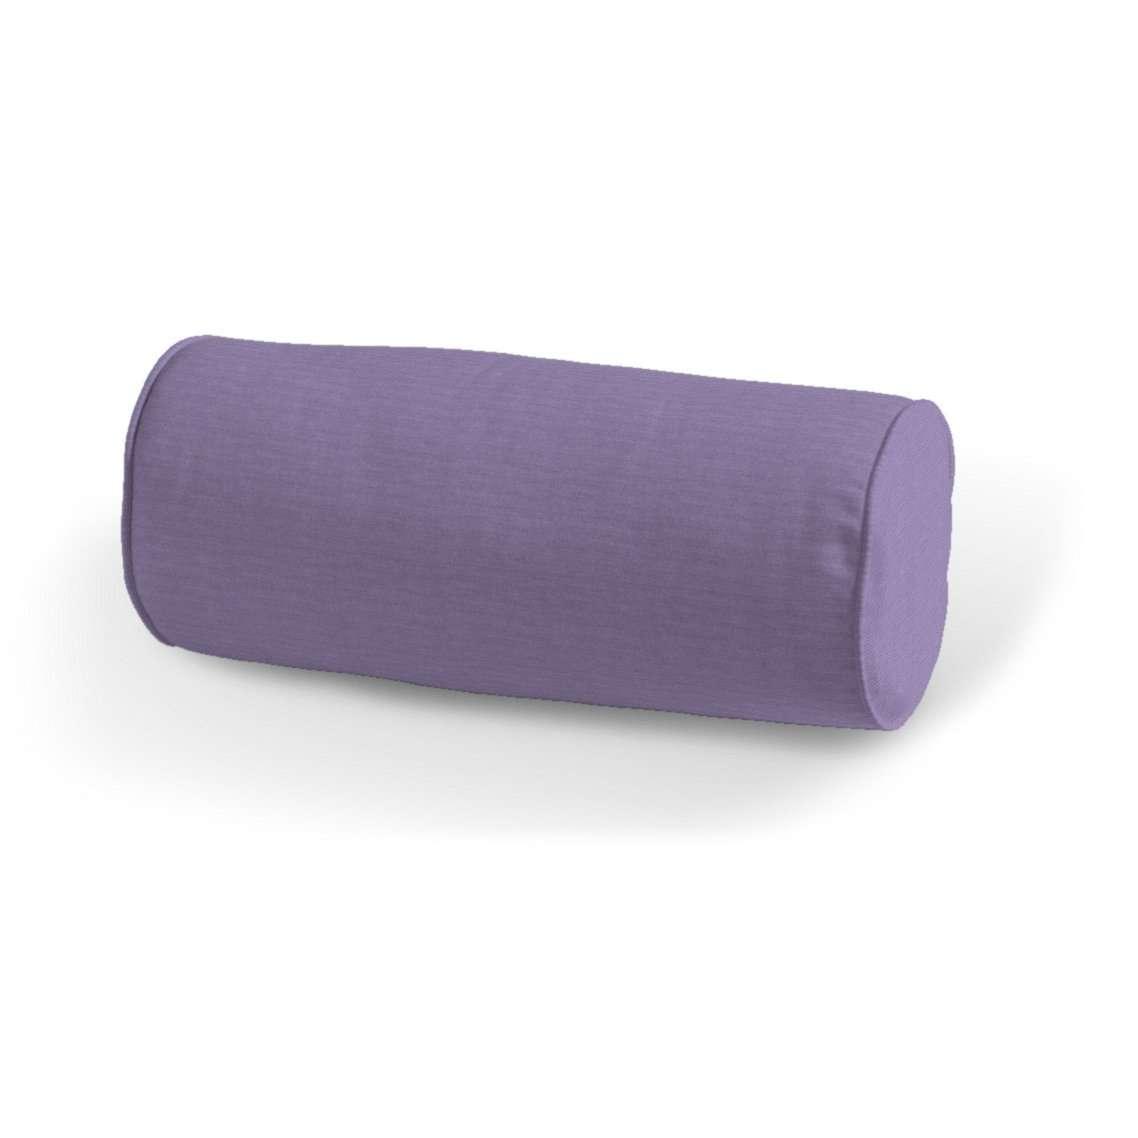 Ritinio formos  pagalvėlės užvalkalas Ø 16 x 40 cm (6 x 16 inch) kolekcijoje Jupiter, audinys: 127-74